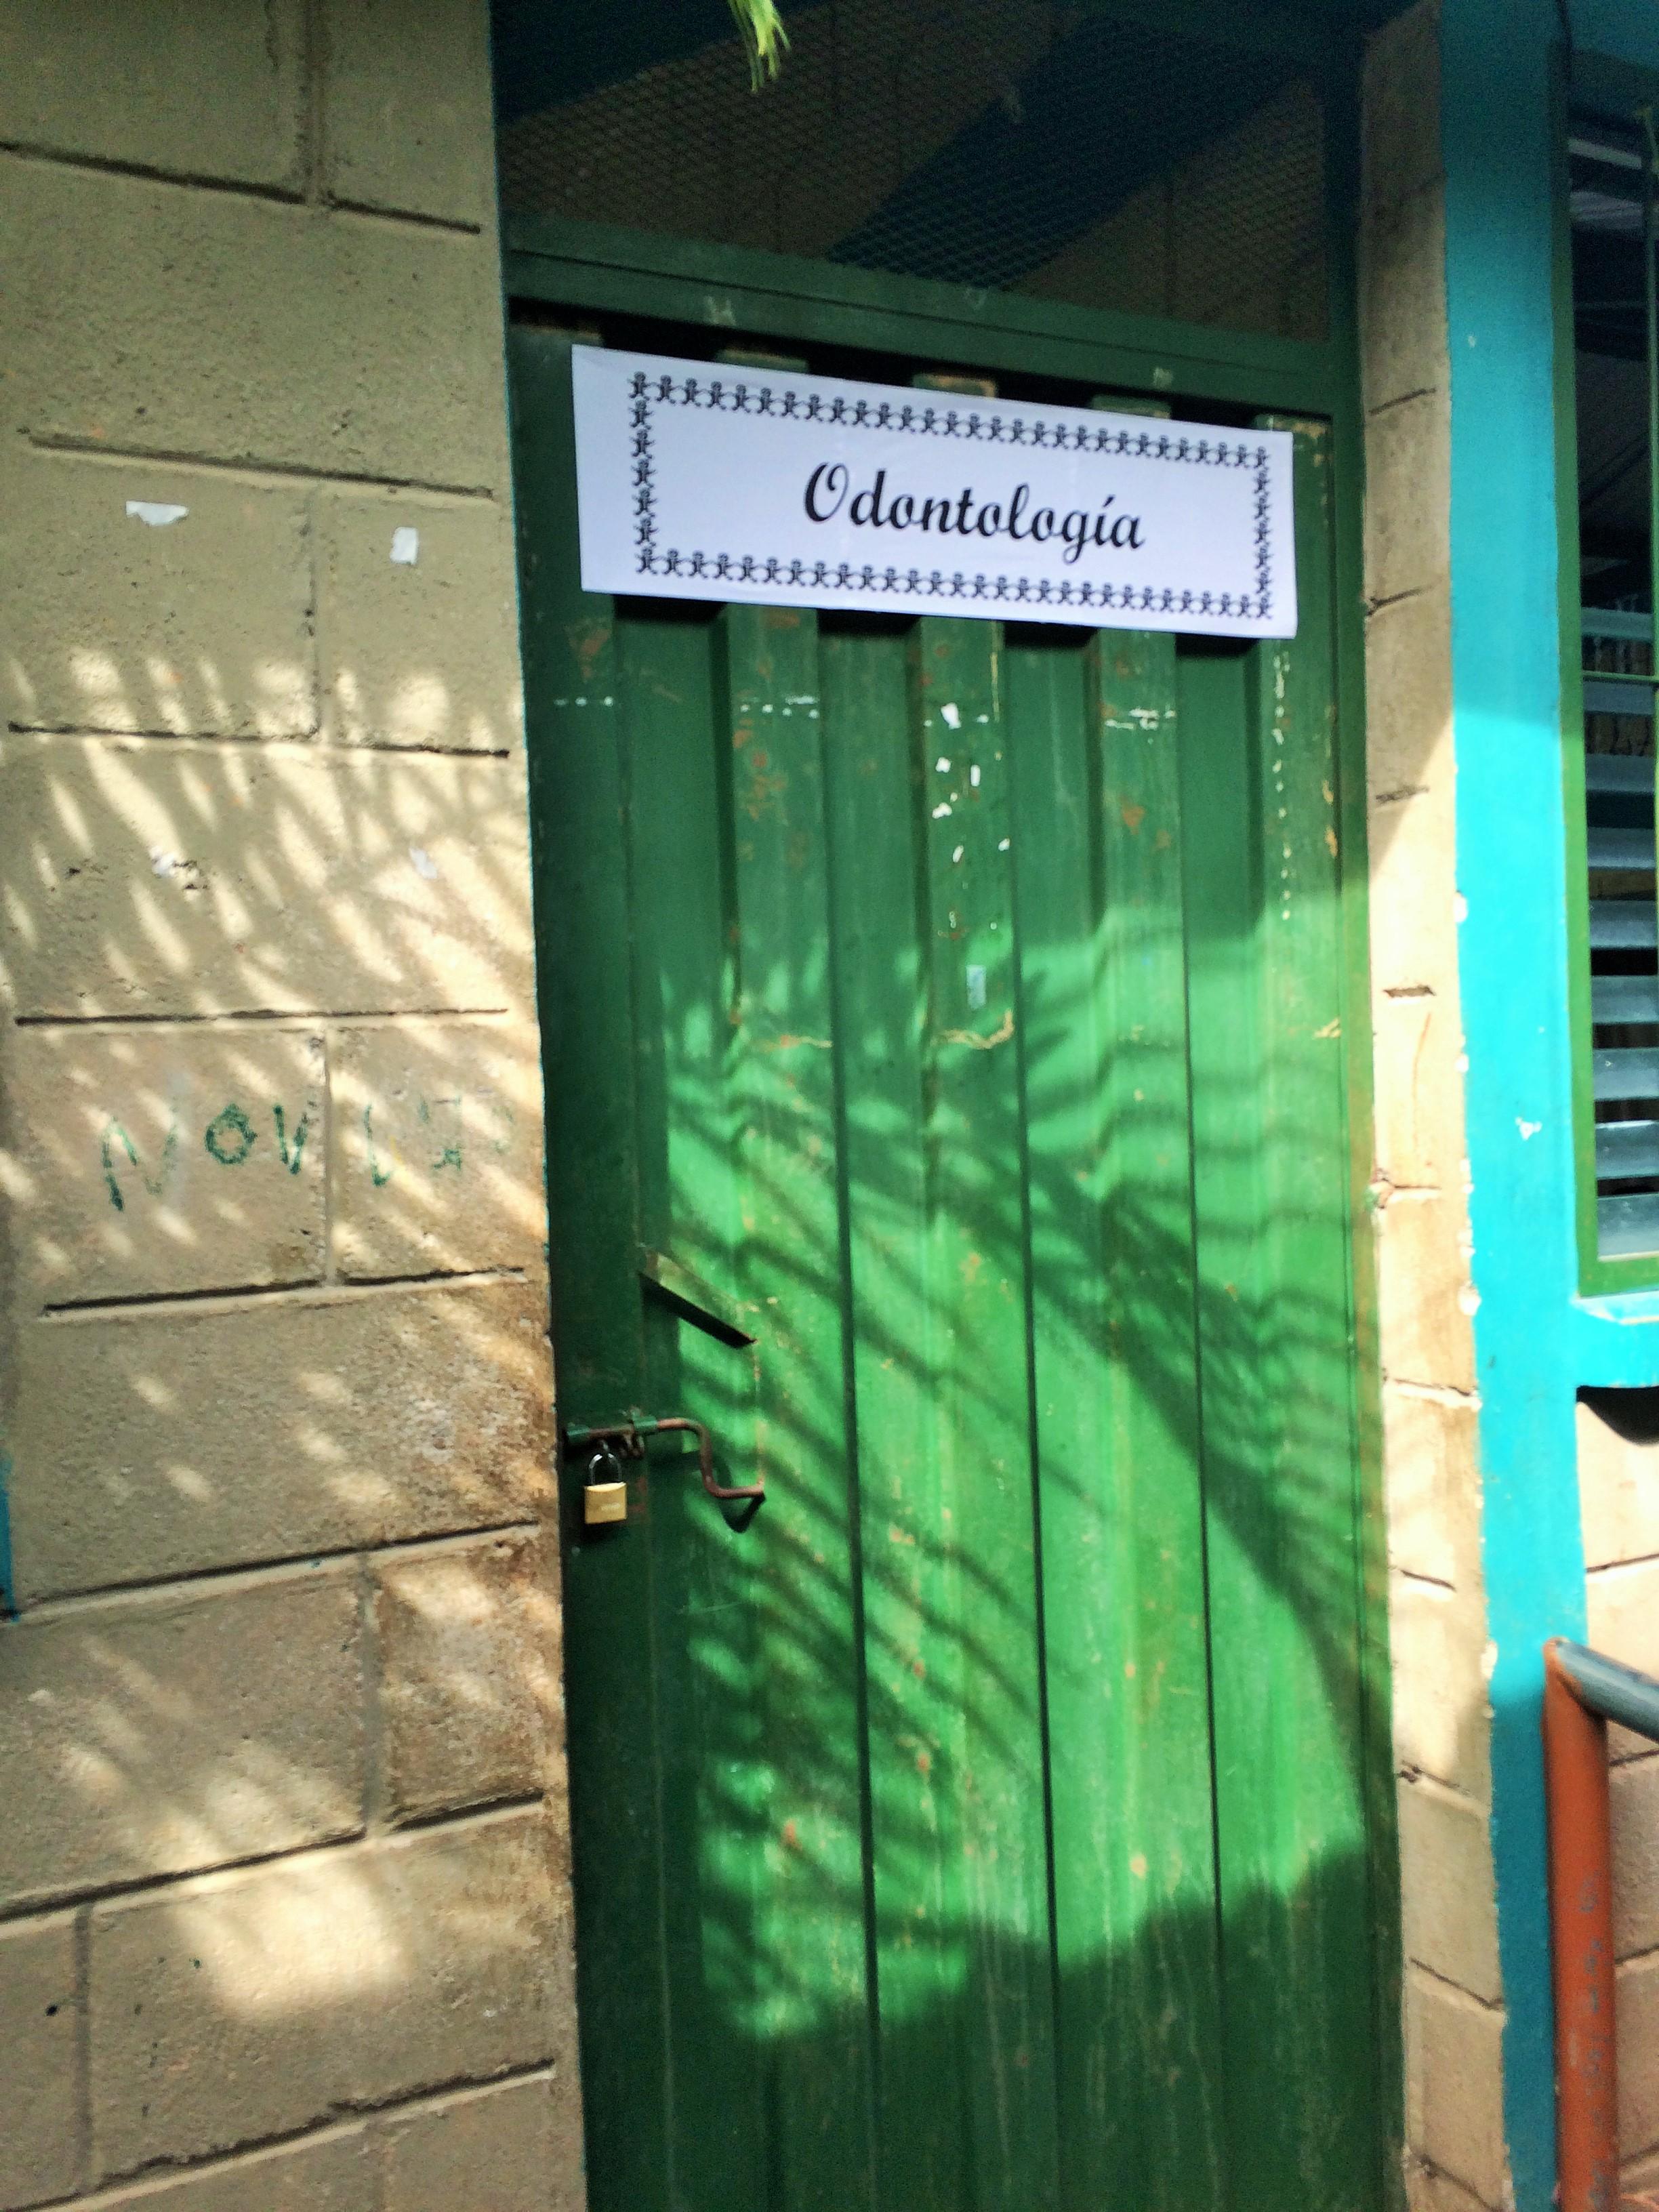 Door to the dental clinic.